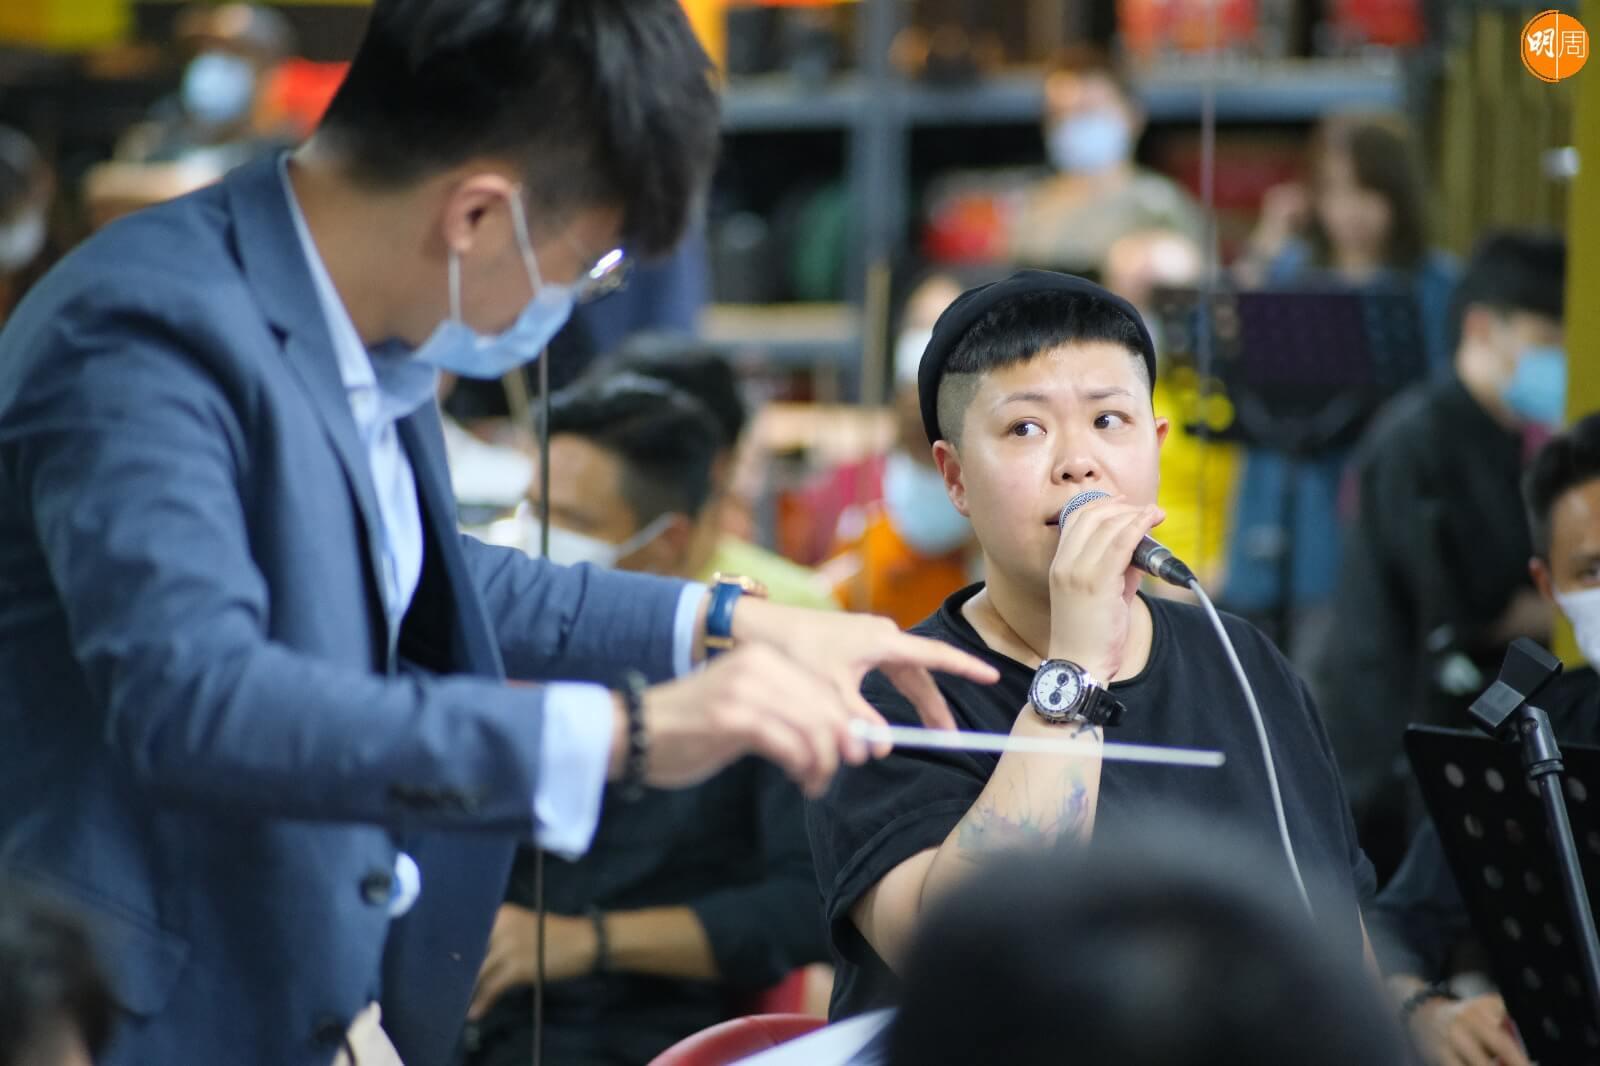 樂團了解到結節性硬化症患者及其家屬需長年頑抗病症的困境,希望透過音樂演奏為香港結節性硬化症協會籌款。